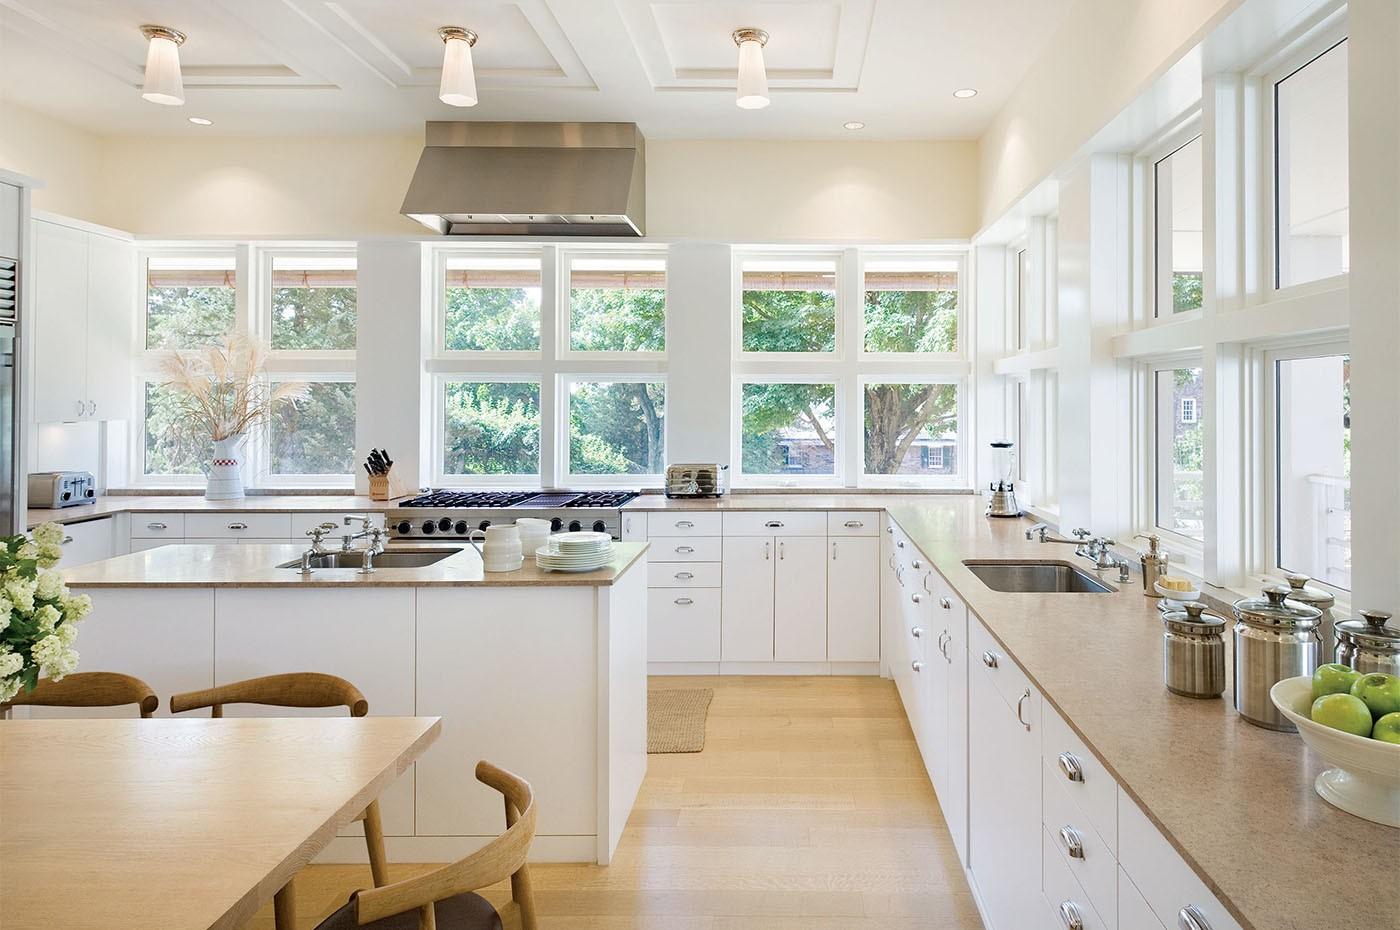 кухня без верхних шкафов светлая